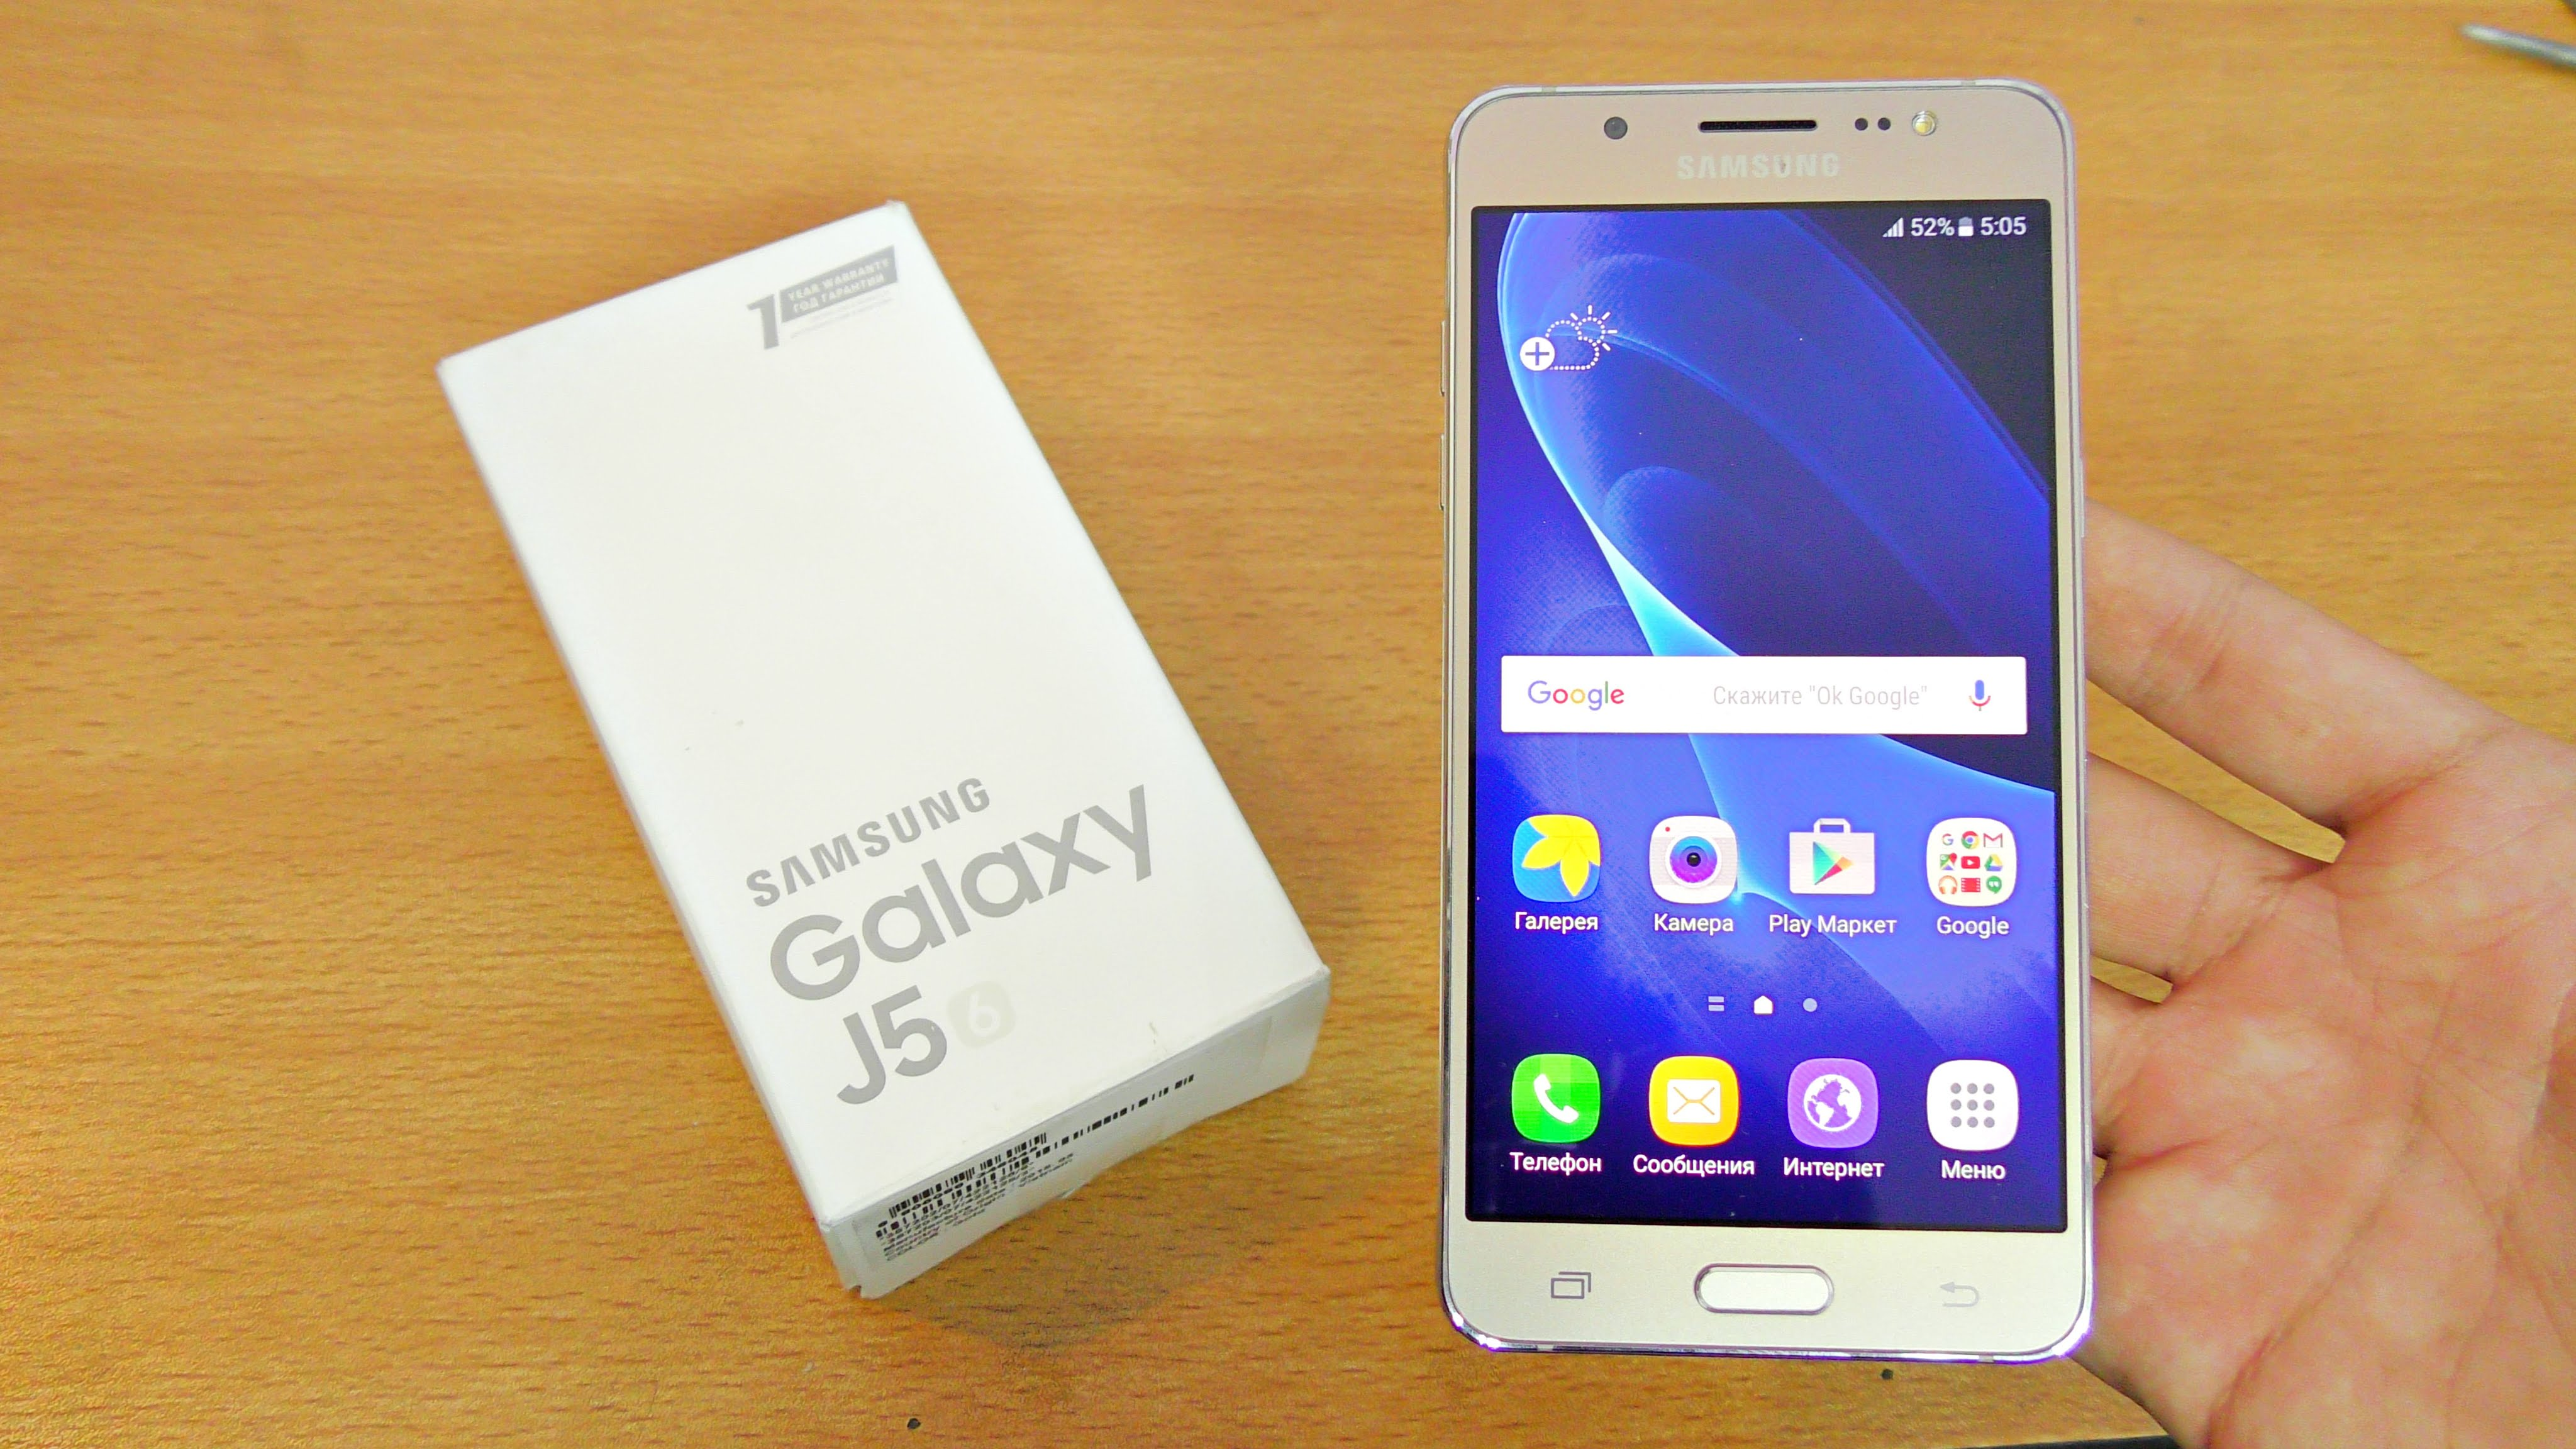 Come eseguire il root di Samsung Galaxy J5 [tutti i modelli J5] 2